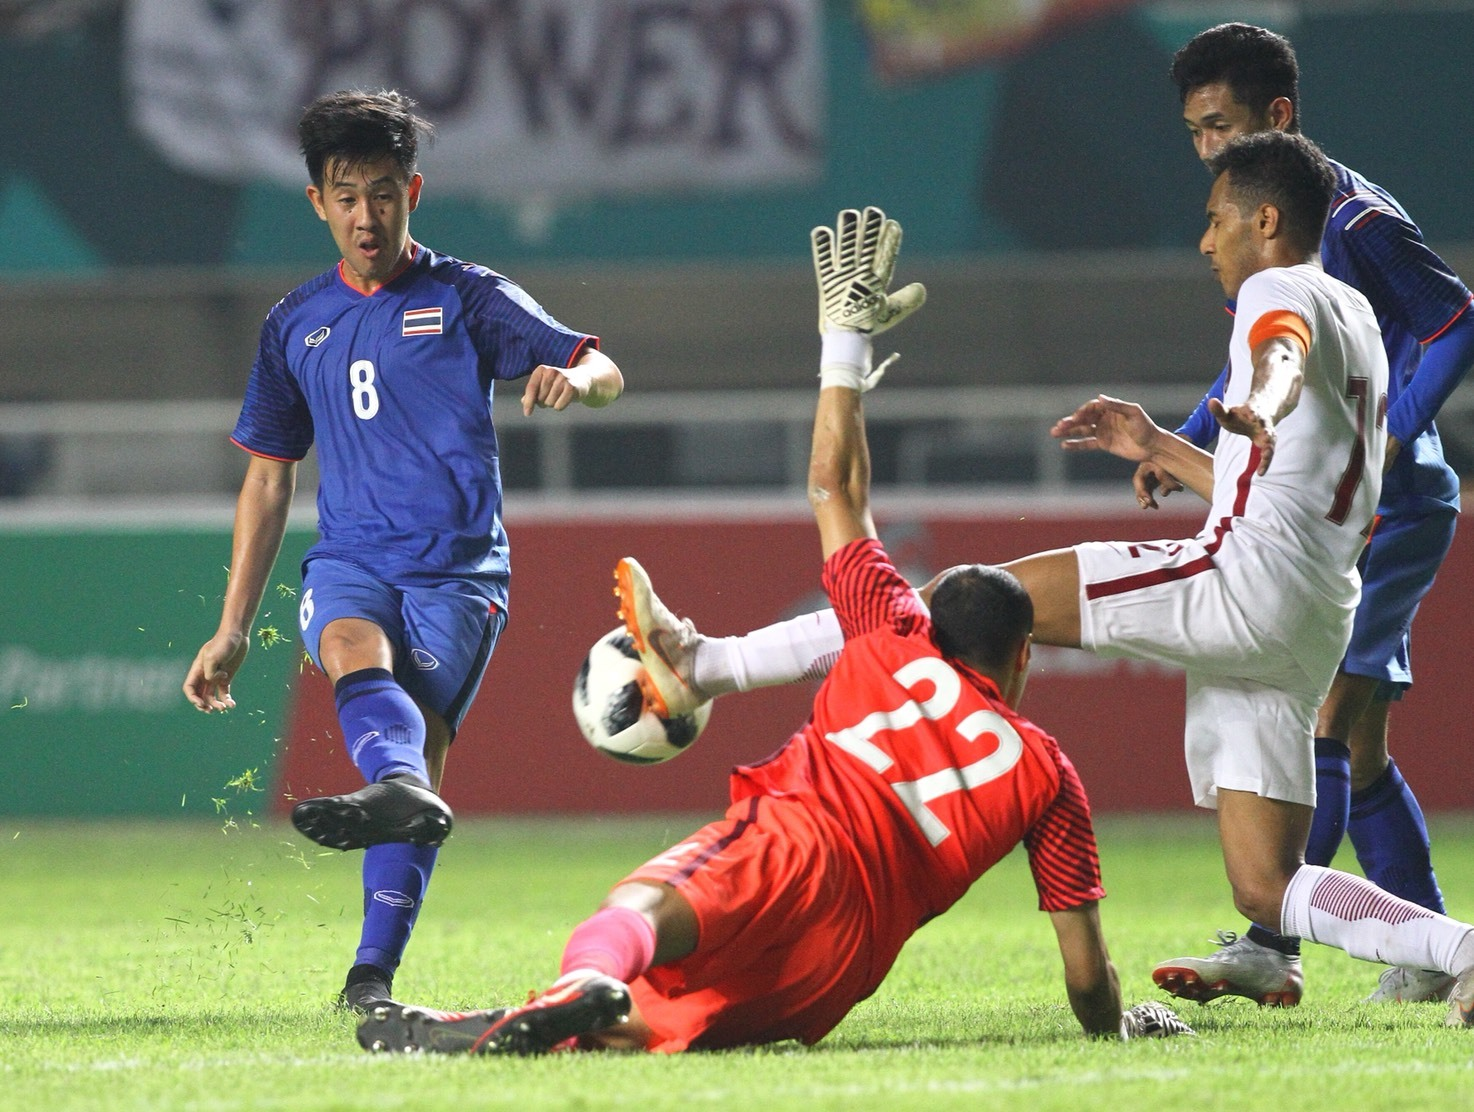 Phung phí cơ hội, U23 Thái Lan chật vật giành 1 điểm